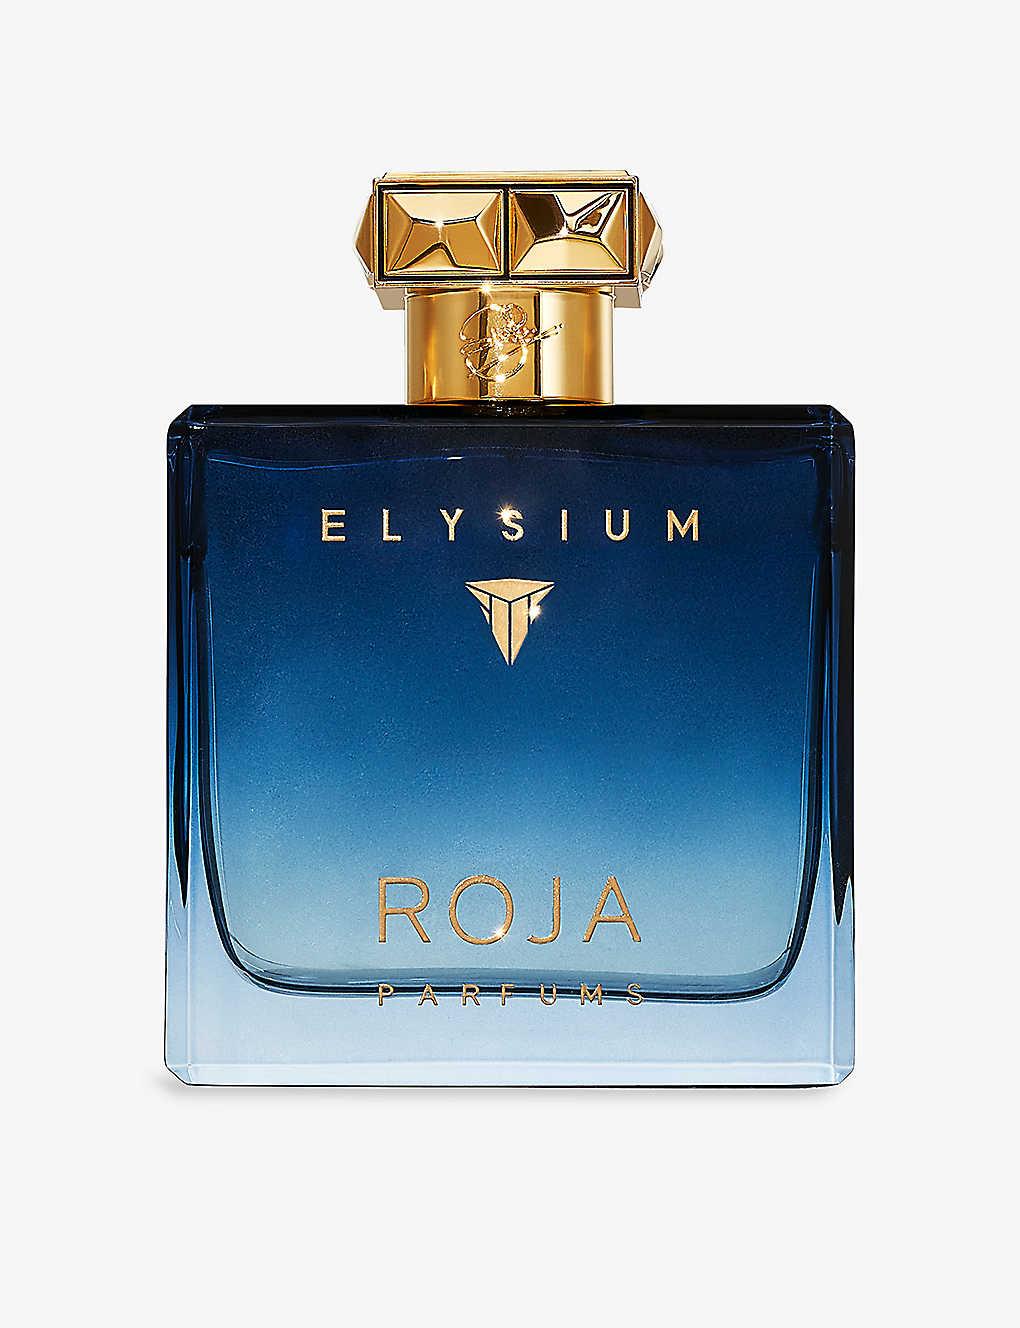 Roja Parfums Elysium Parfums Cologne Pour Homme 100ml Selfridgescom